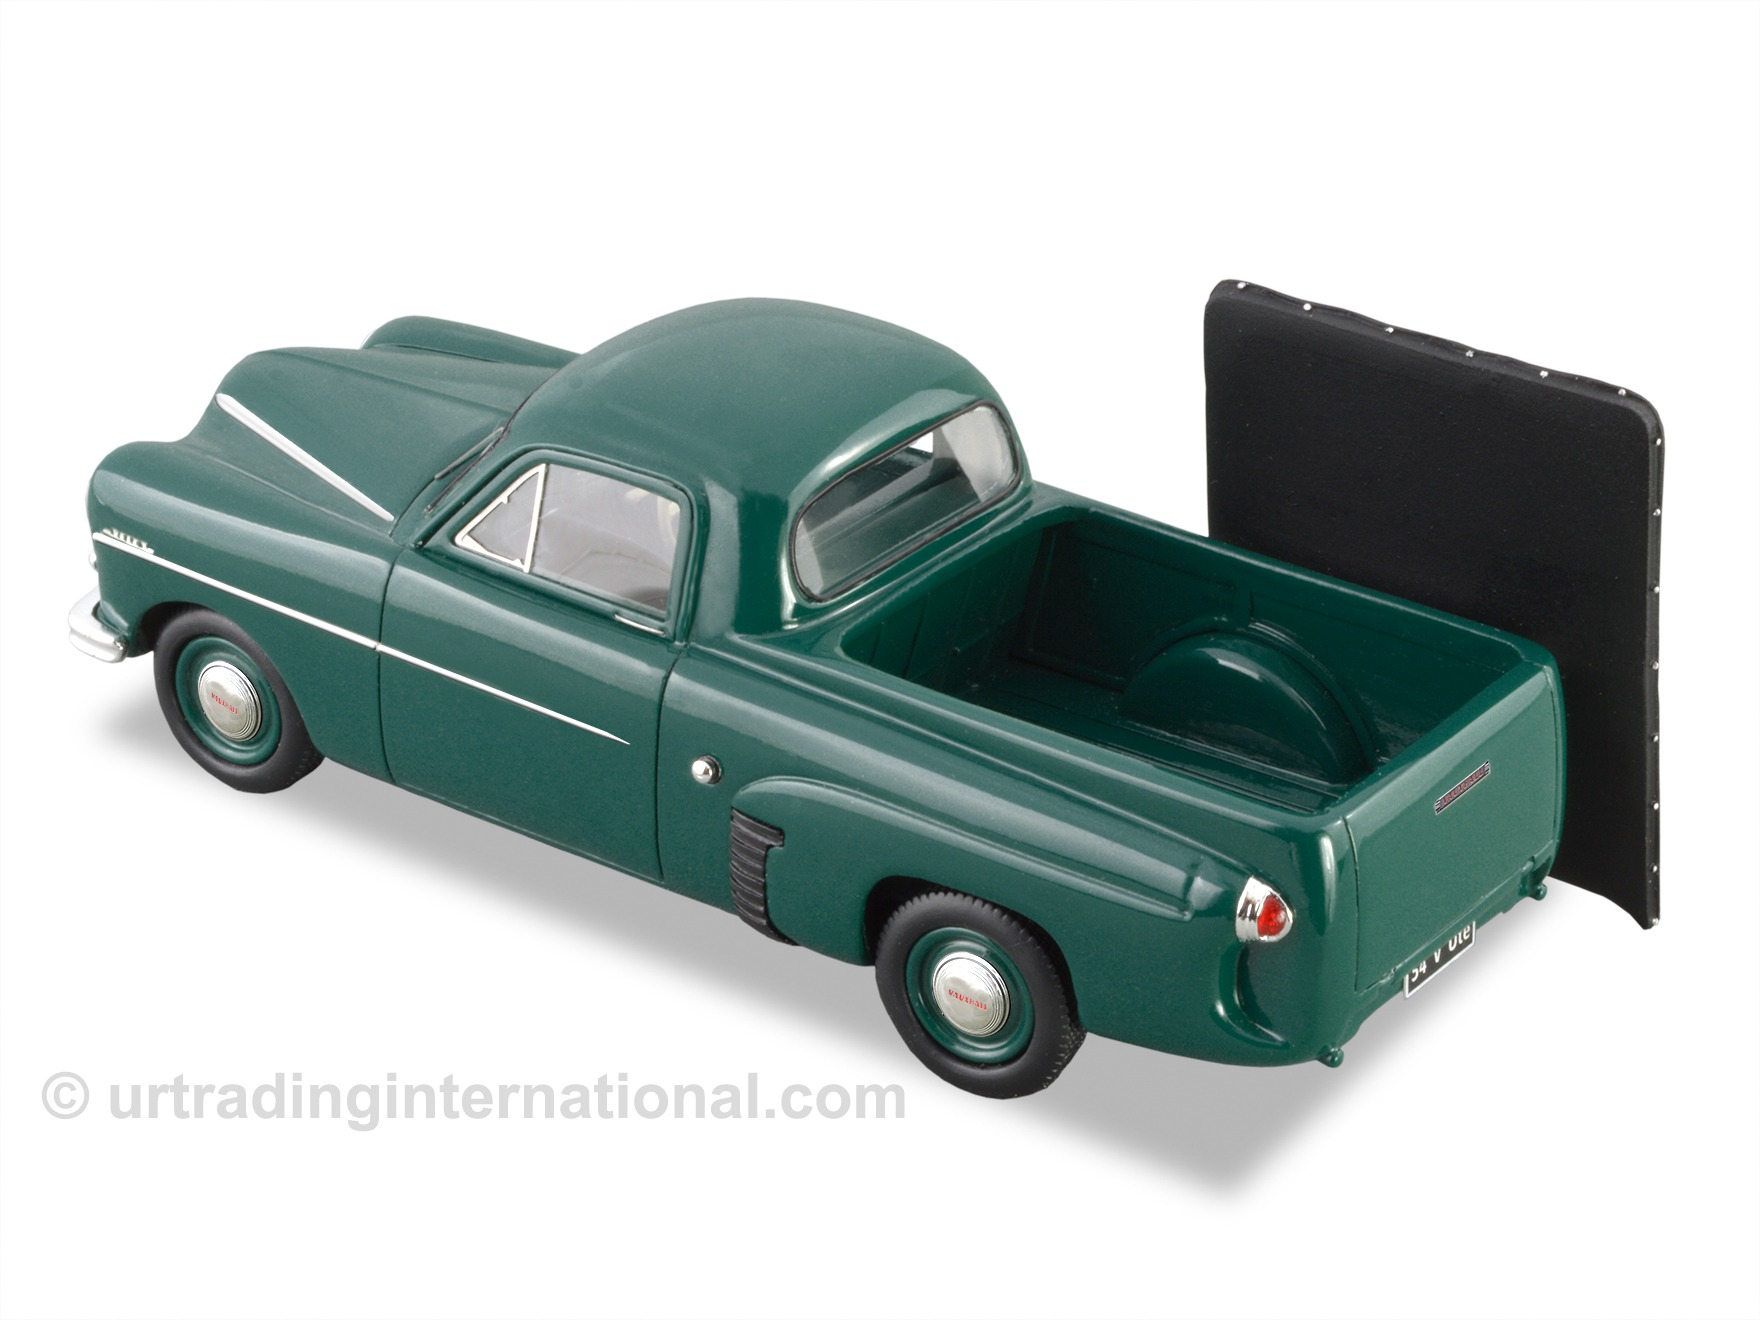 1953-54 Vauxhall Velox Ute – Dark Green